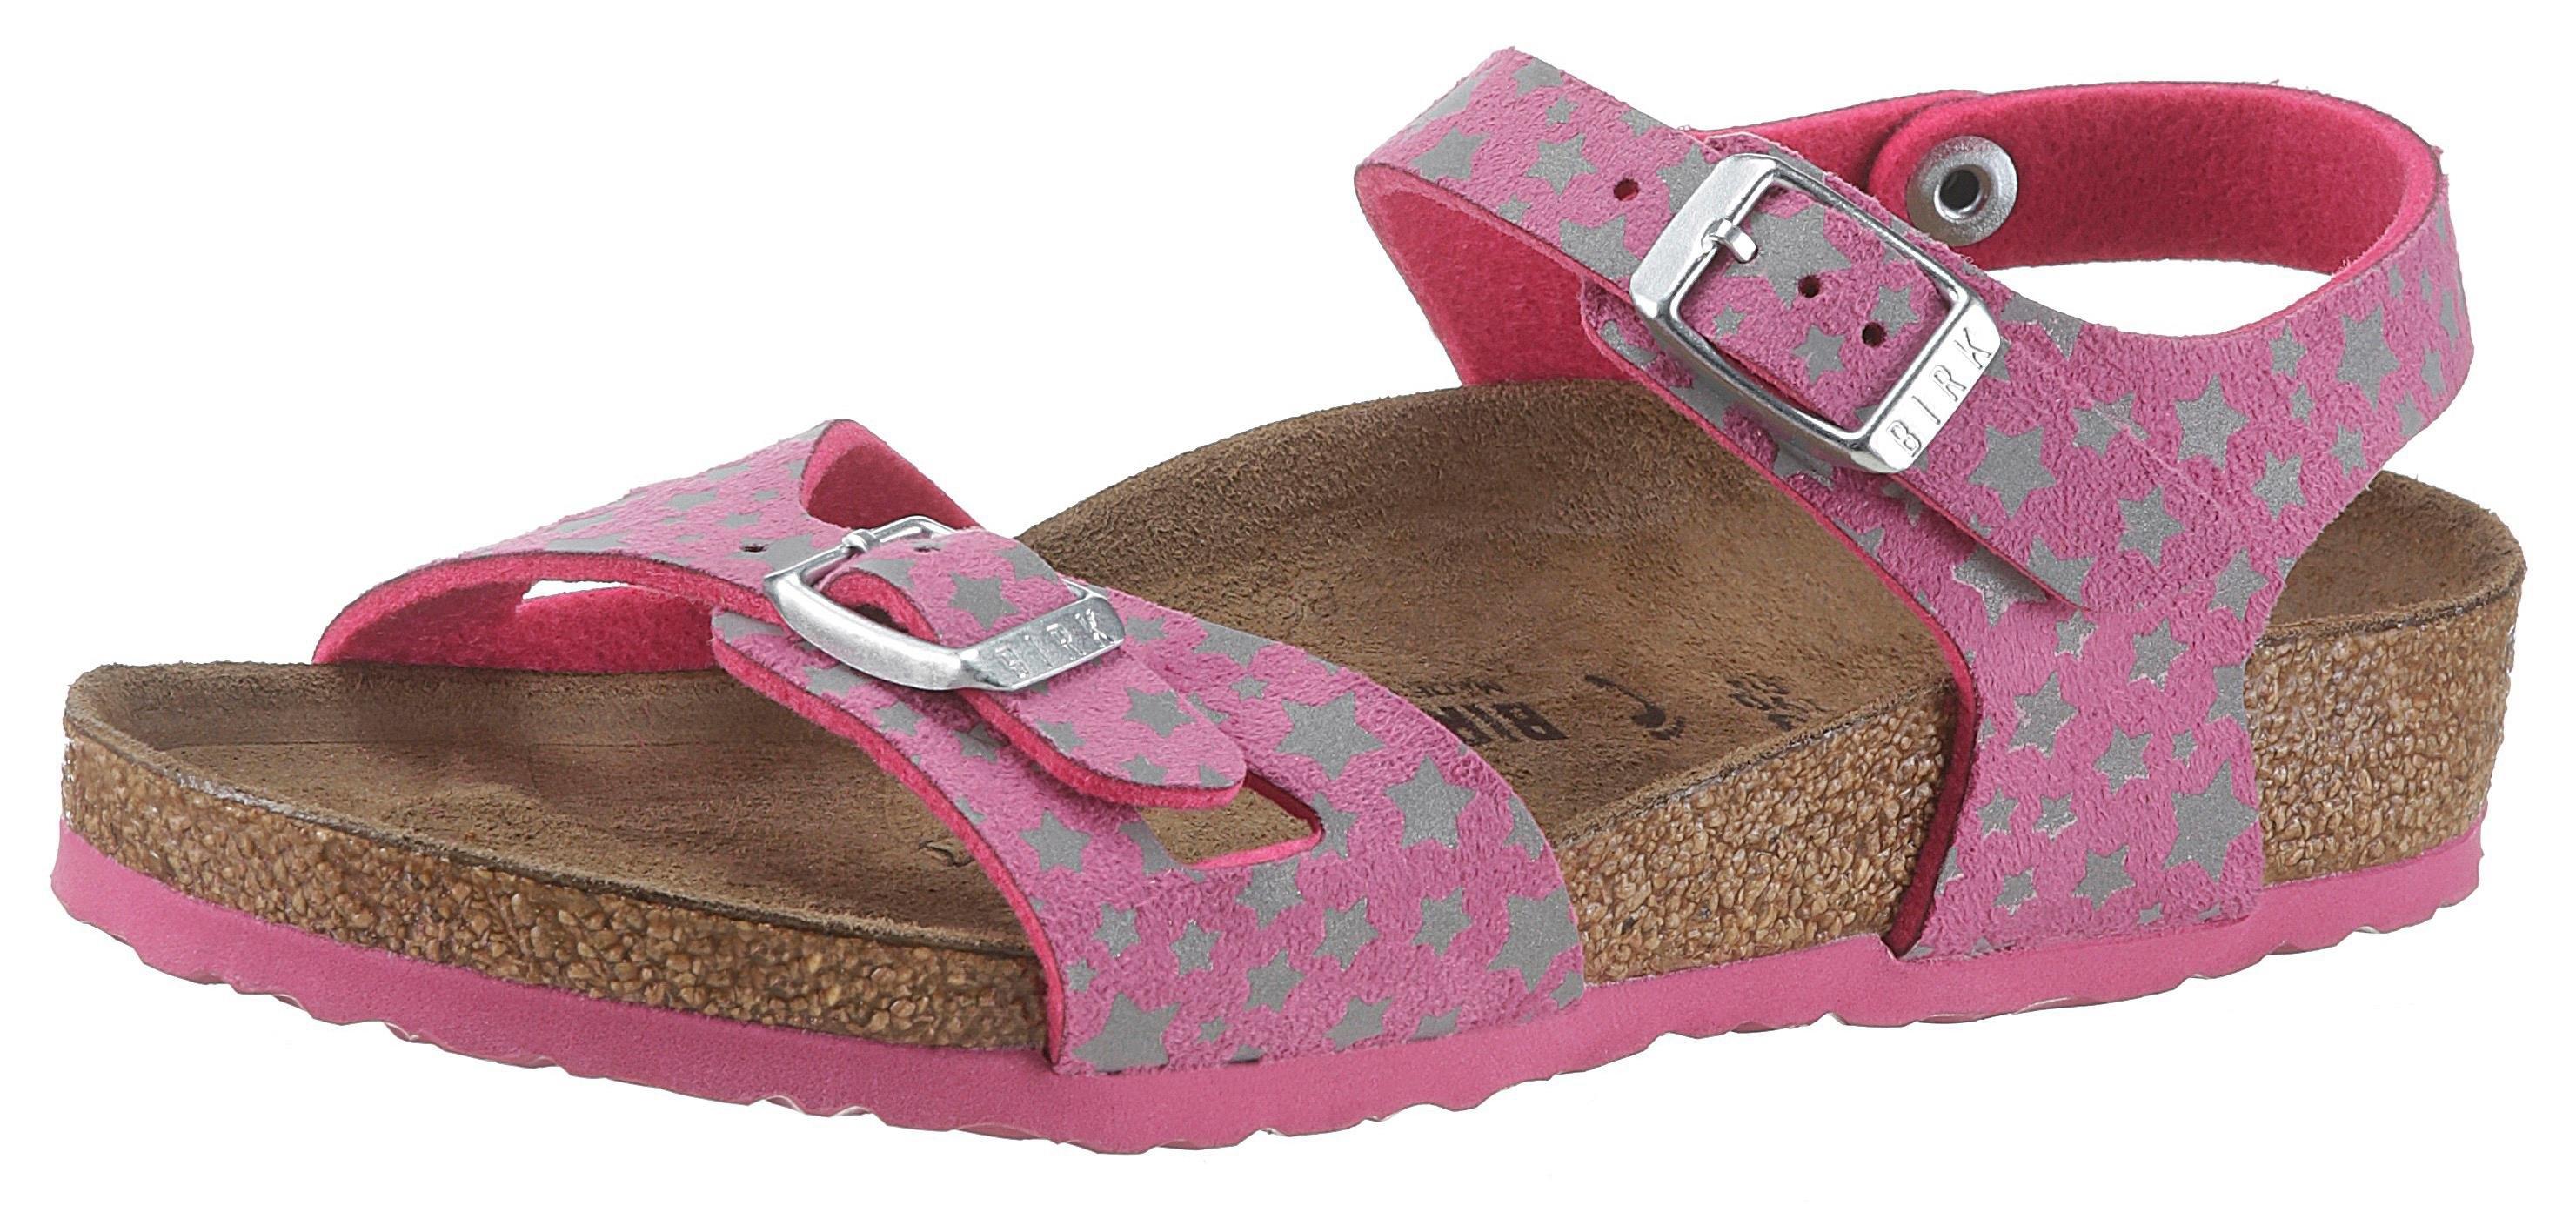 Birkenstock sandalen »RIO REFLECTIVE STARS« goedkoop op otto.nl kopen